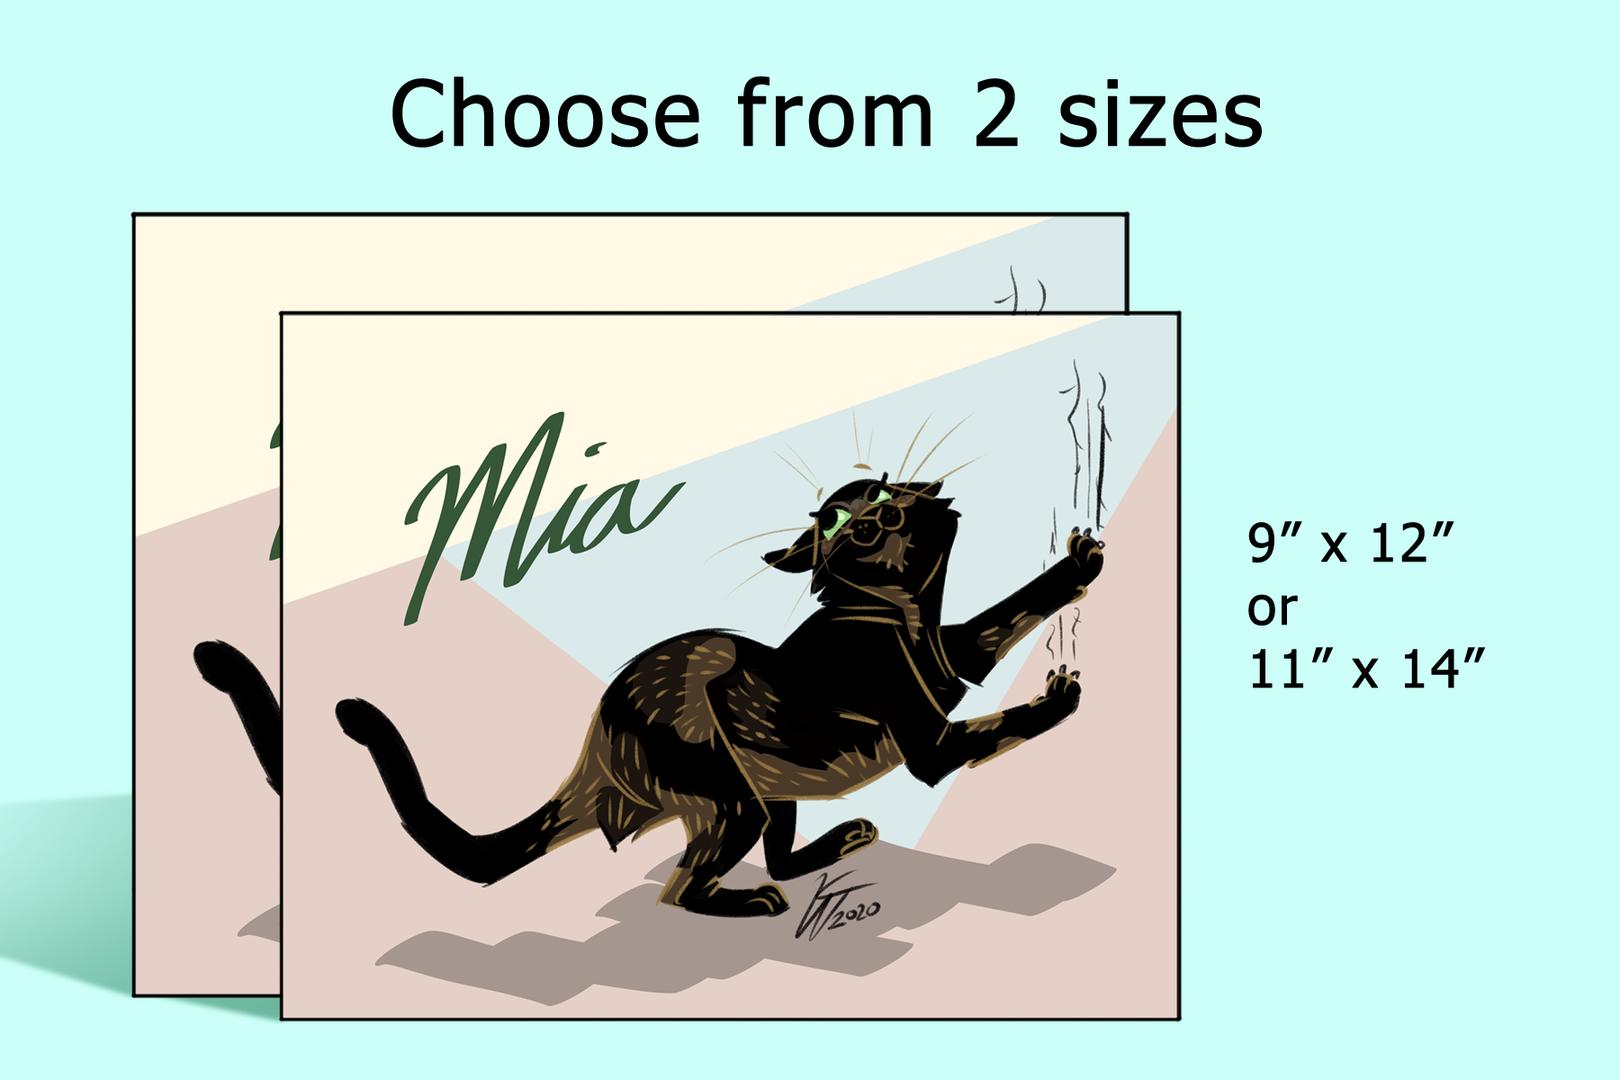 Choose a size